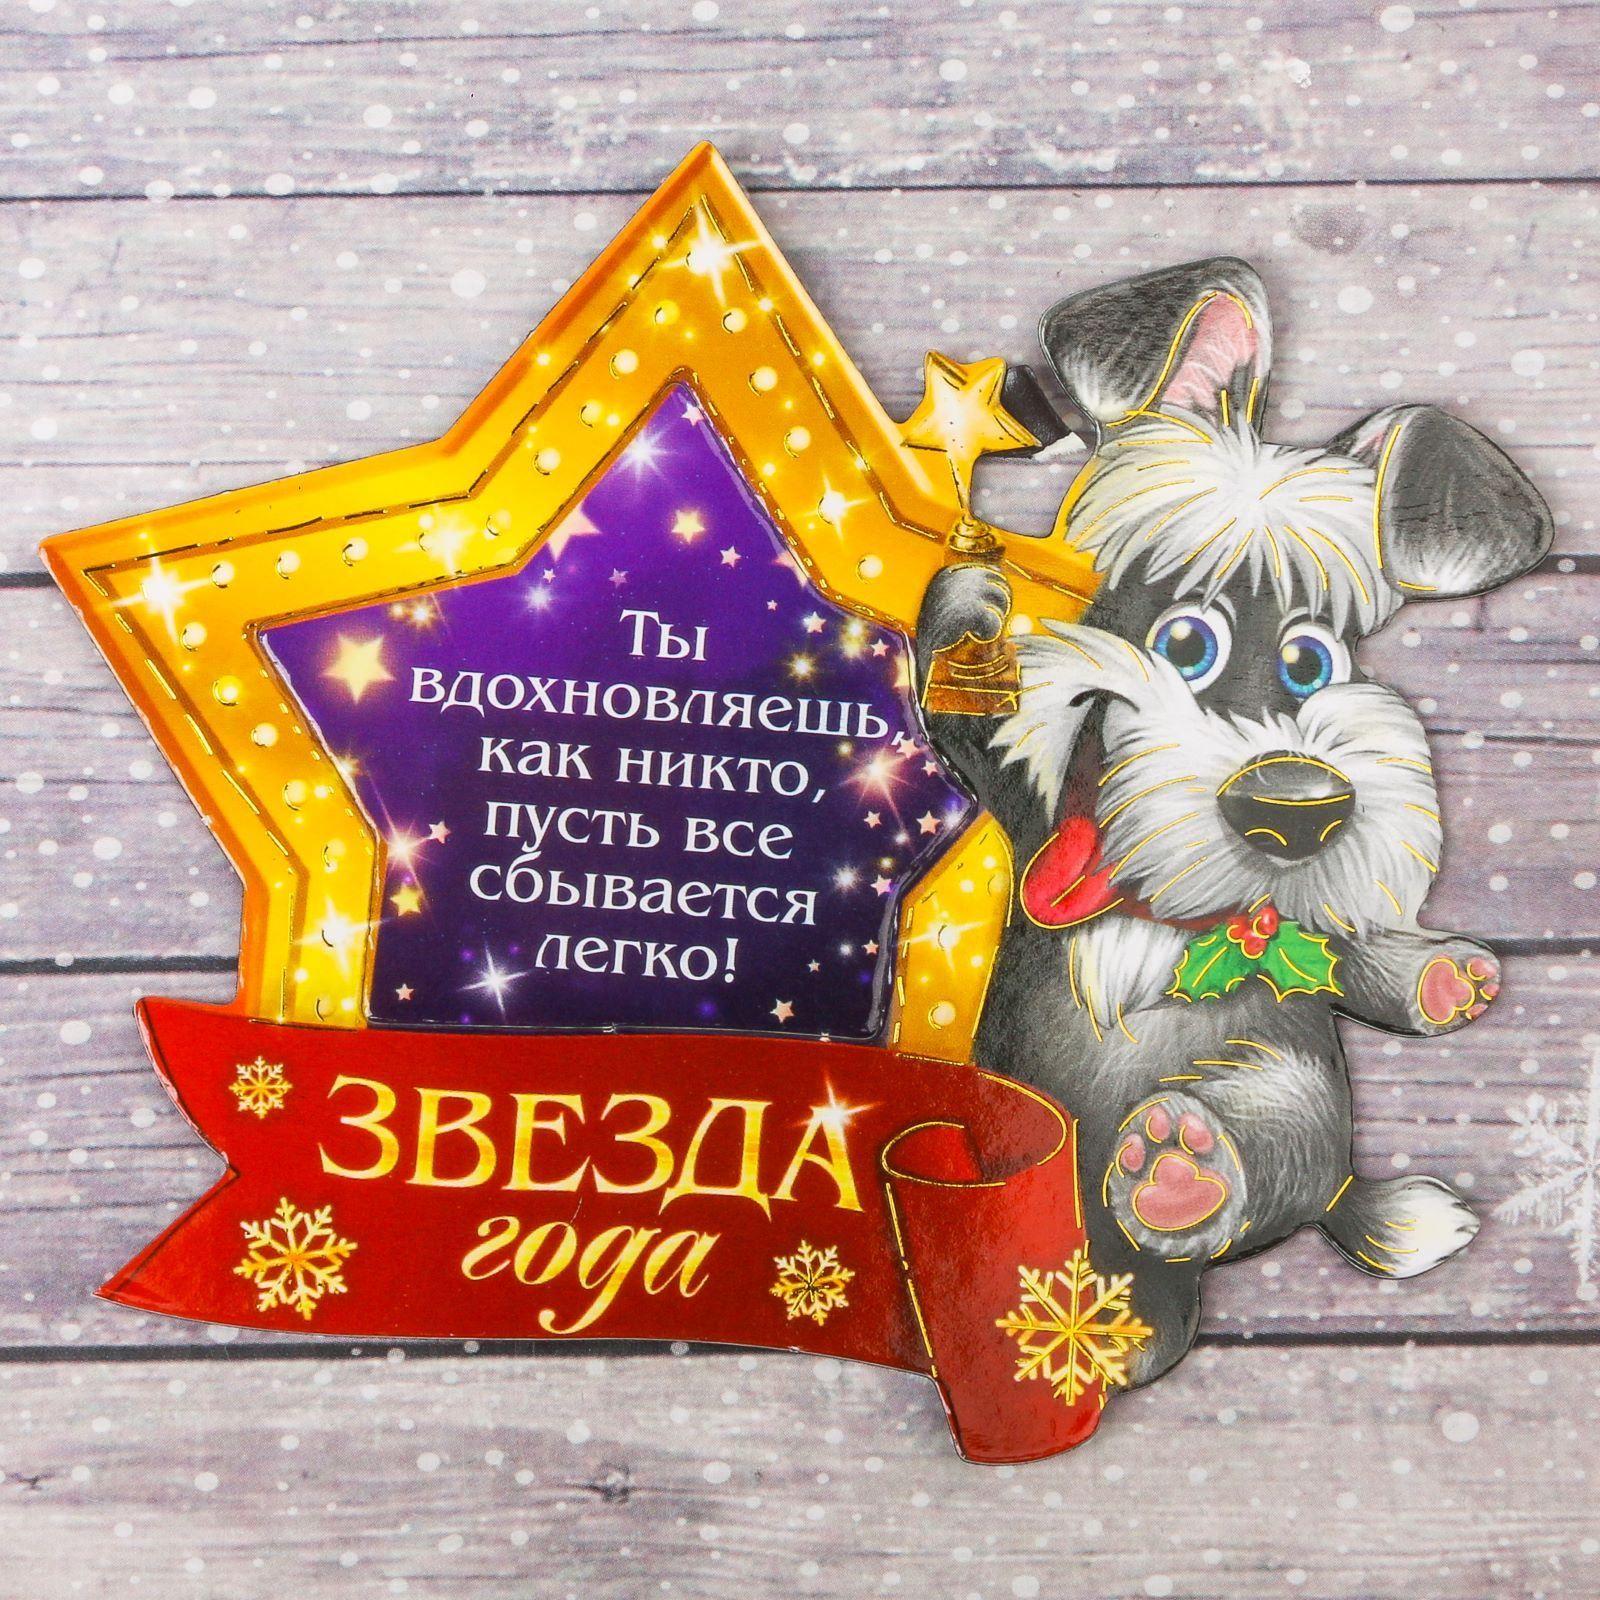 Магнит-фоторамка Sima-land Звезда года, 10,6 х 9 см2002876Порадуйте родных и близких оригинальным сувениром: преподнесите в подарок магнит. С ним даже самый серьёзный человек почувствует себя ребёнком, ожидающим чудо! Создайте праздничное настроение, и оно останется с вами на весь год.